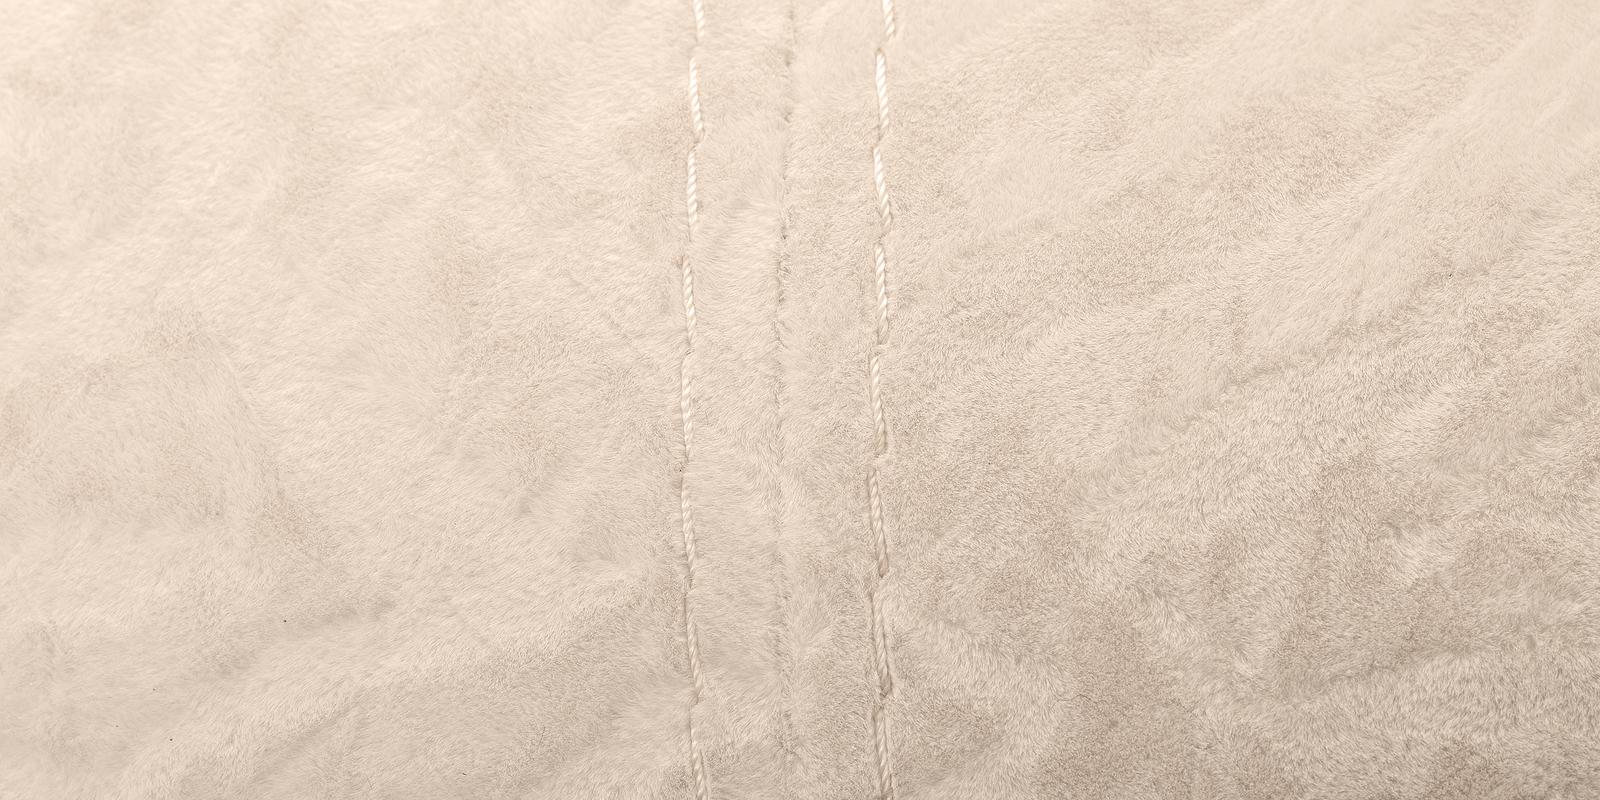 Диван тканевый прямой Ланкастер Soft бежевый (Флок + Экокожа)